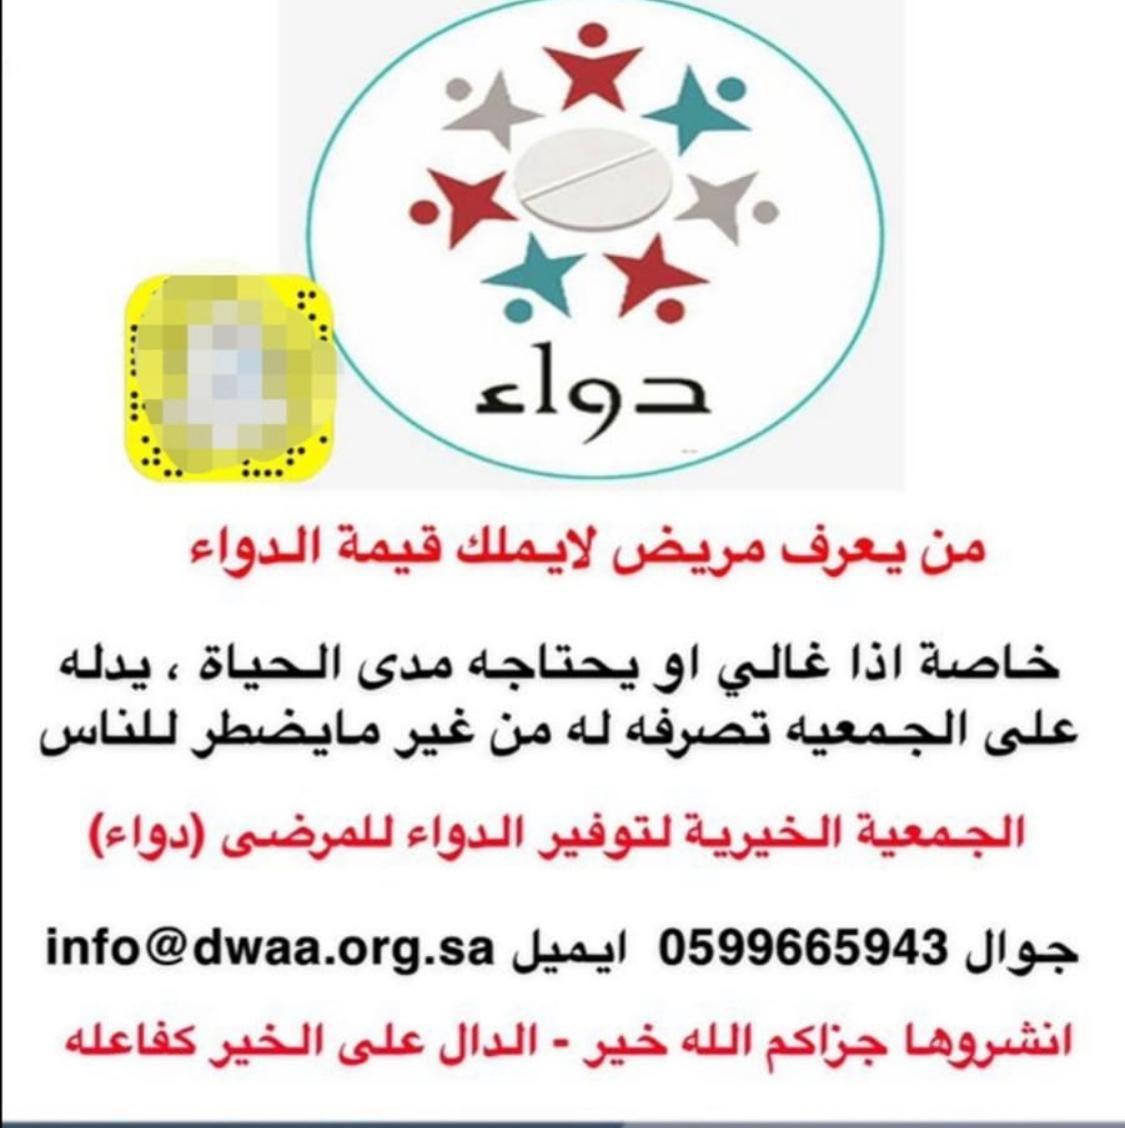 #دواء الجمعية الخيرية لتوفير الدواء